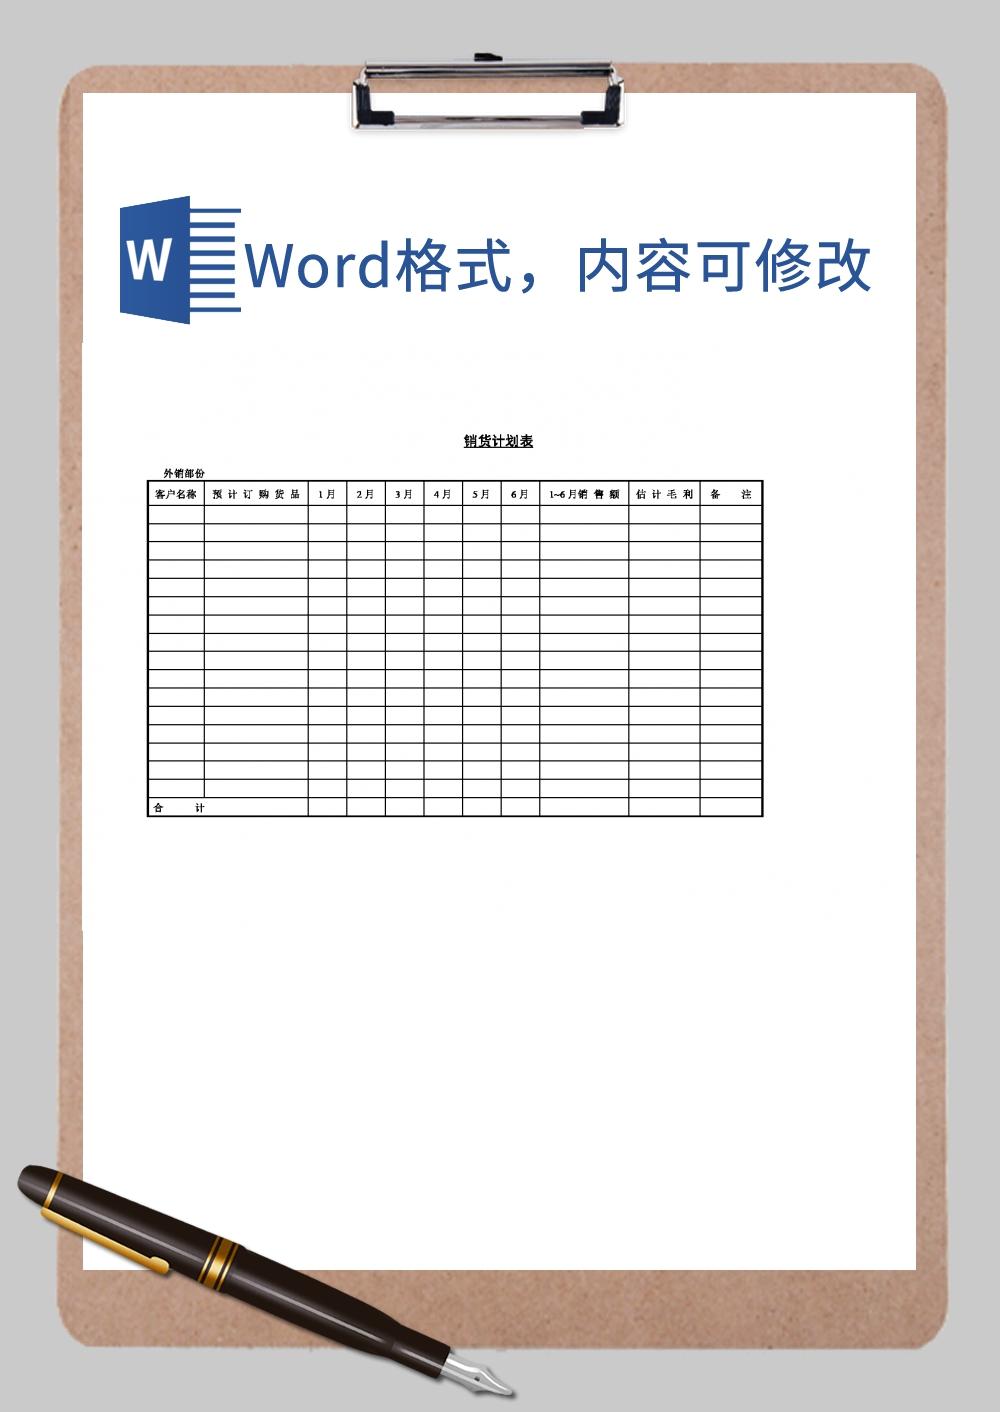 销货外销计划表Word模板